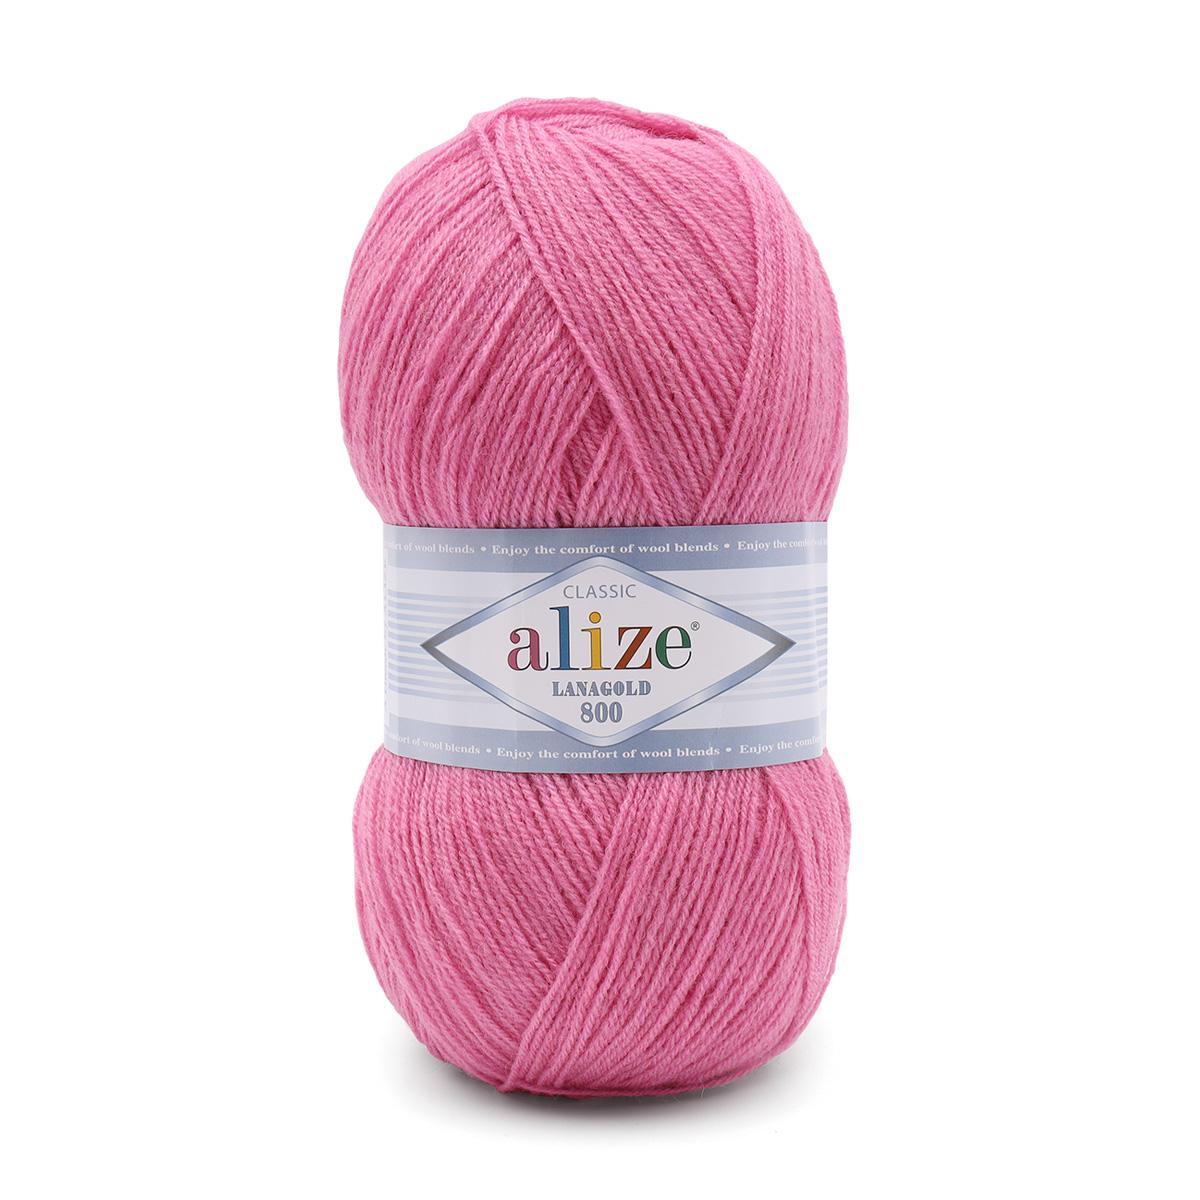 Пряжа ALIZE 'Lanagold 800' 100гр.,800м (49%шерсть, 51%акрил)